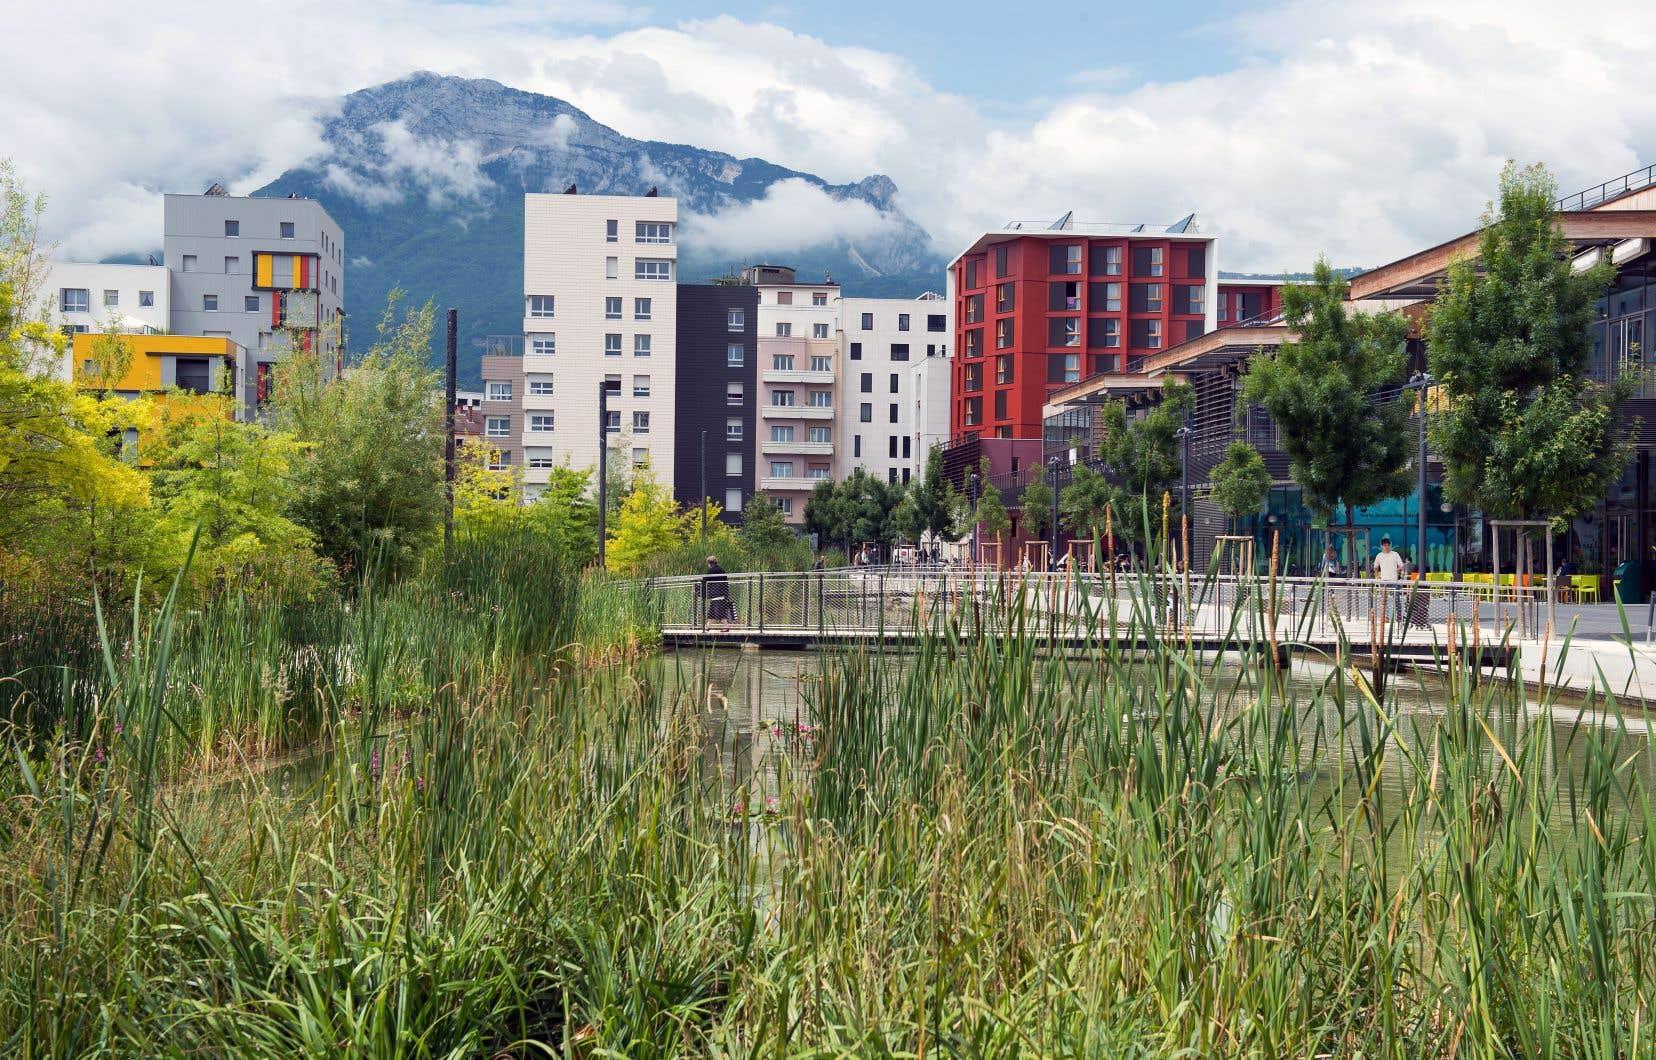 Le centre commercial de la caserne de Bonne (à droite), situé à Grenoble, est entièrement conçu dans un souci d'exemplarité sur le plan du développement durable.